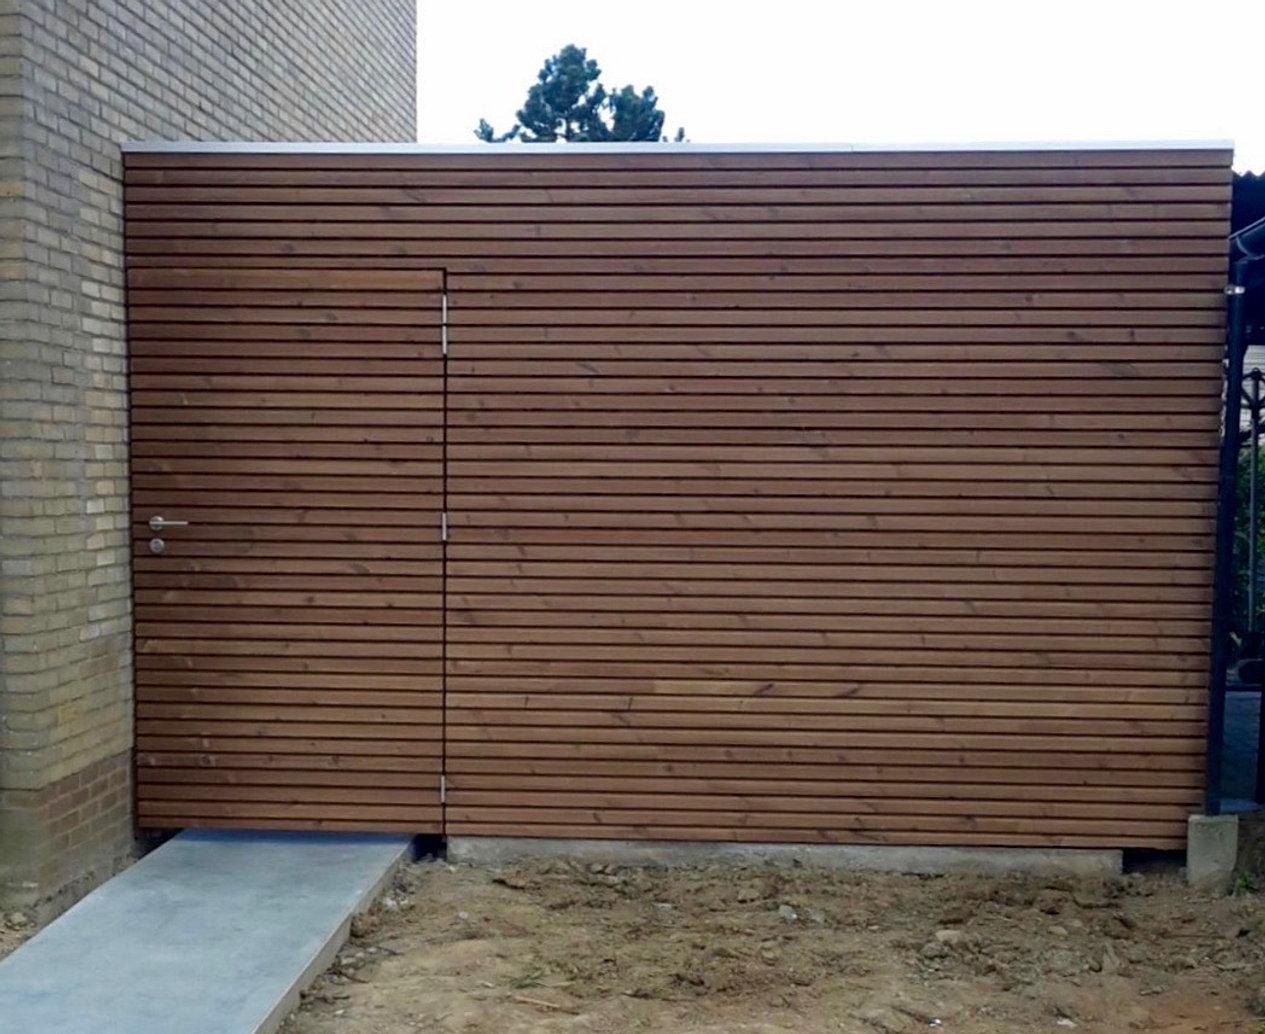 Ousit tuinhuizen - Eigentijdse houten lounge ...